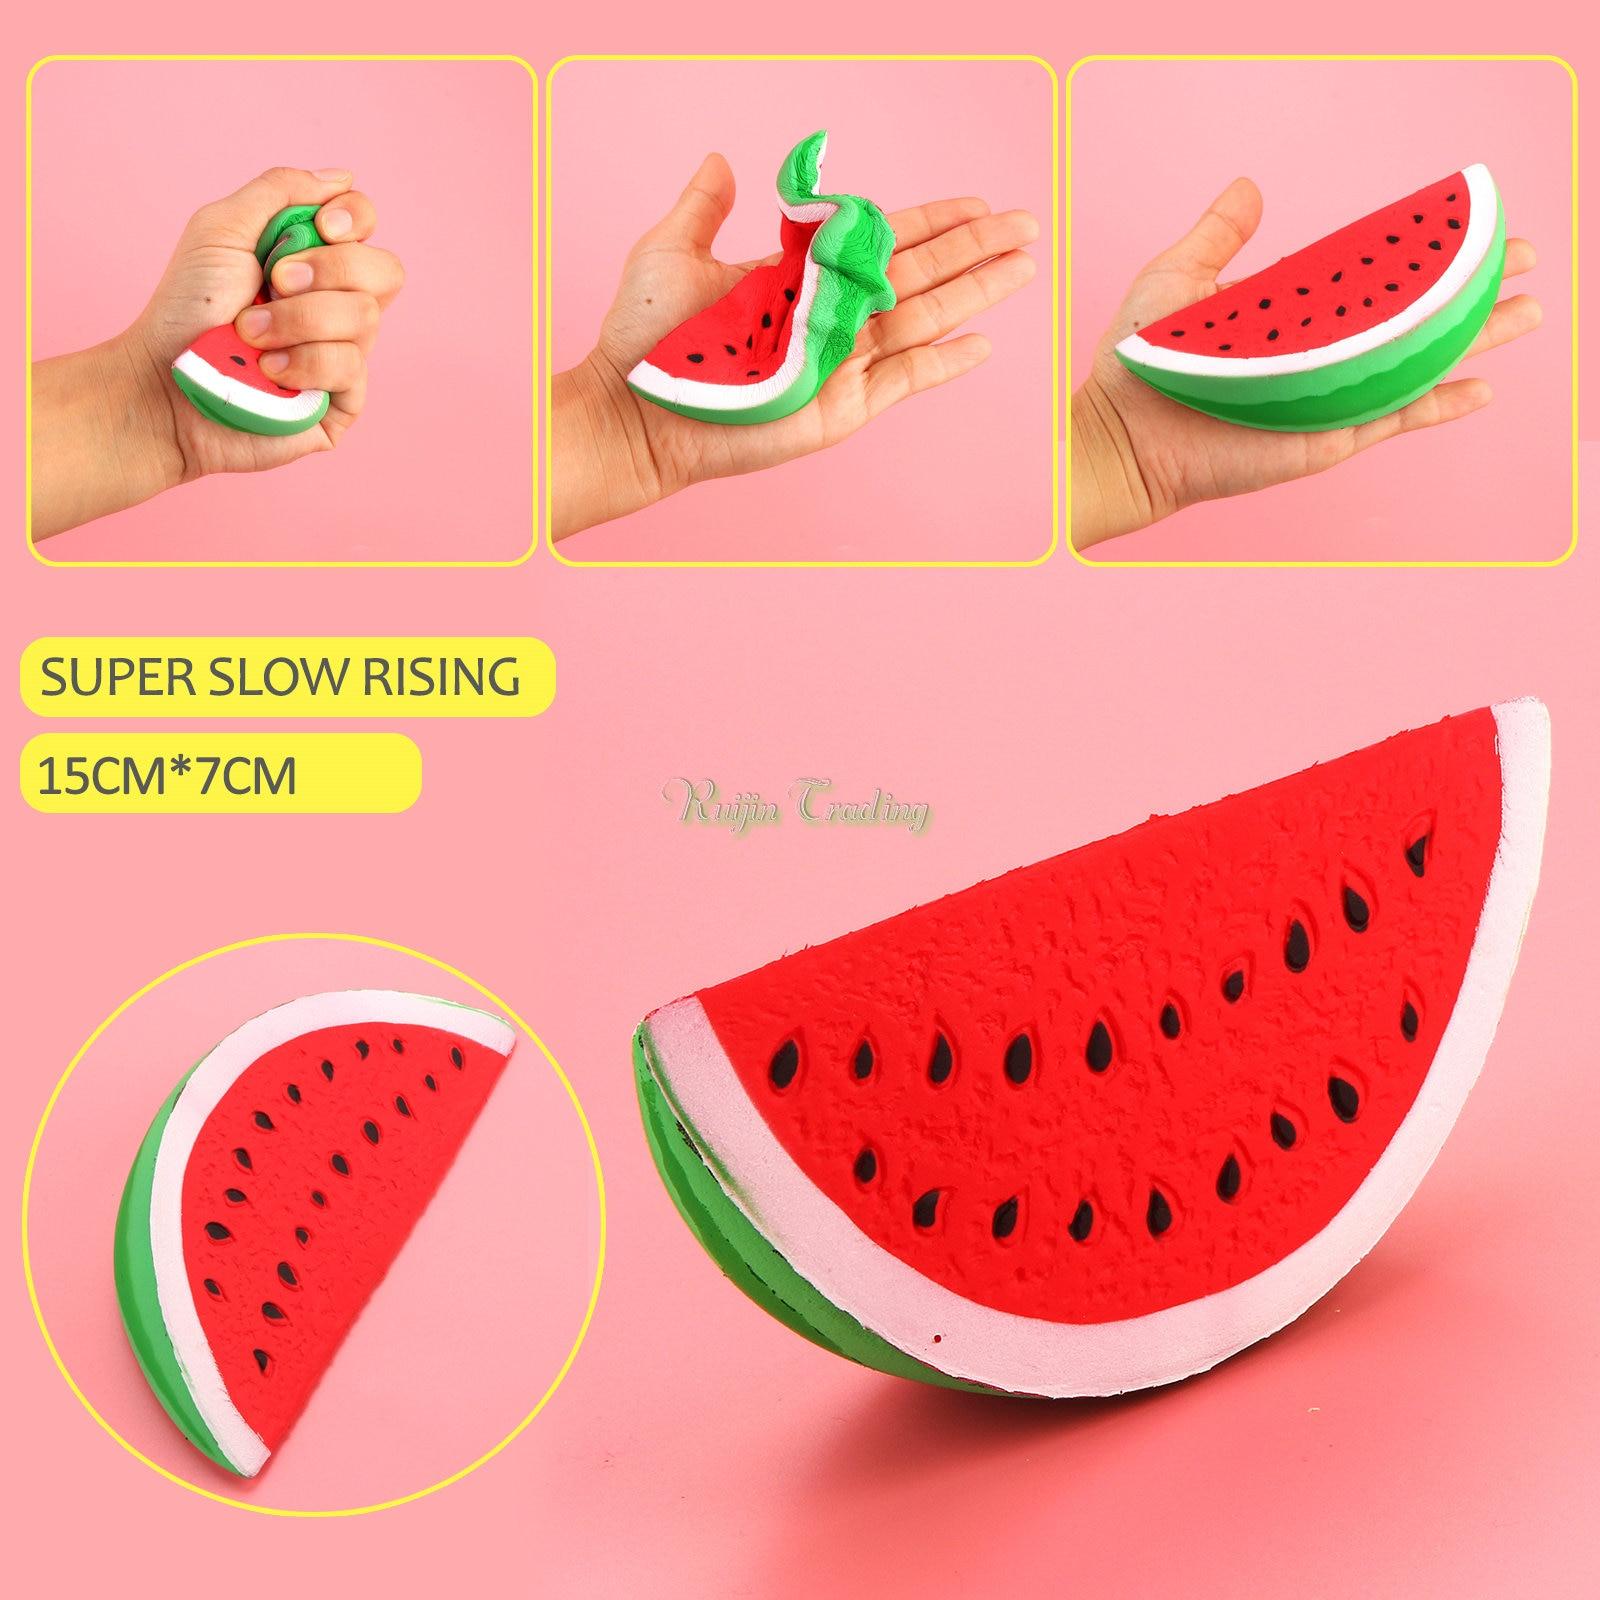 bilder für 10 Teile/los Jumbo Kawaii 15 CM Squishy Wassermelone Super Langsam Steigenden Squeeze Stretch Duftenden Brot Kuchen Kind Spielzeug Geschenk Telefon Straps